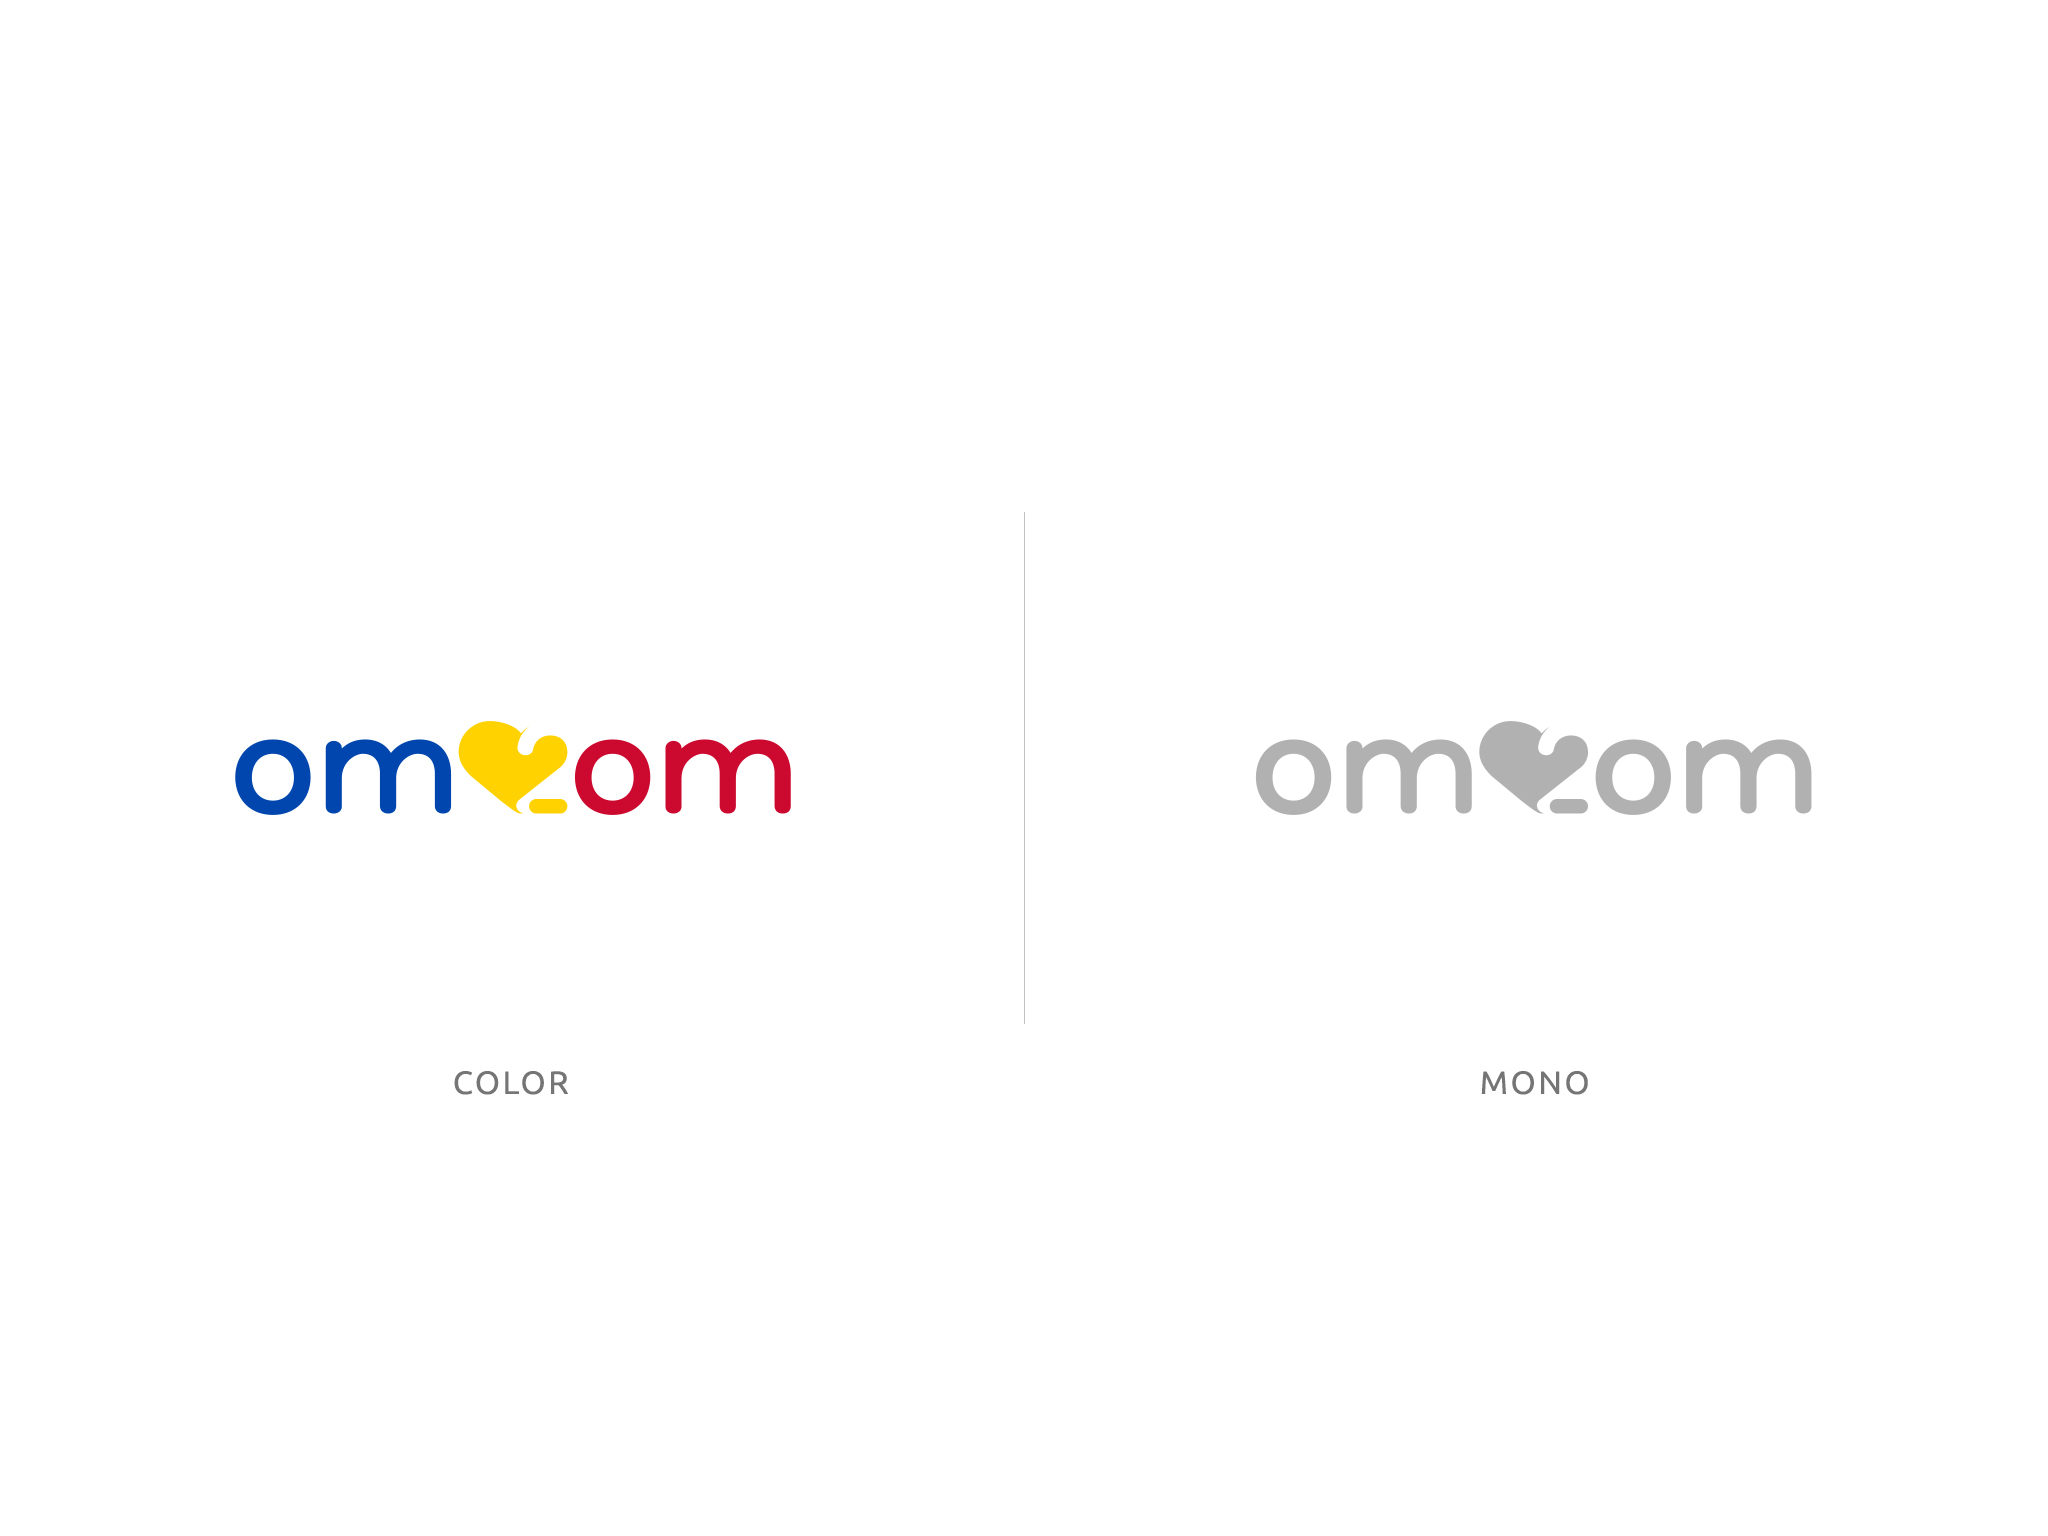 Разработка логотипа для краудфандинговой платформы om2om.md фото f_9585f593f8b45a4d.jpg